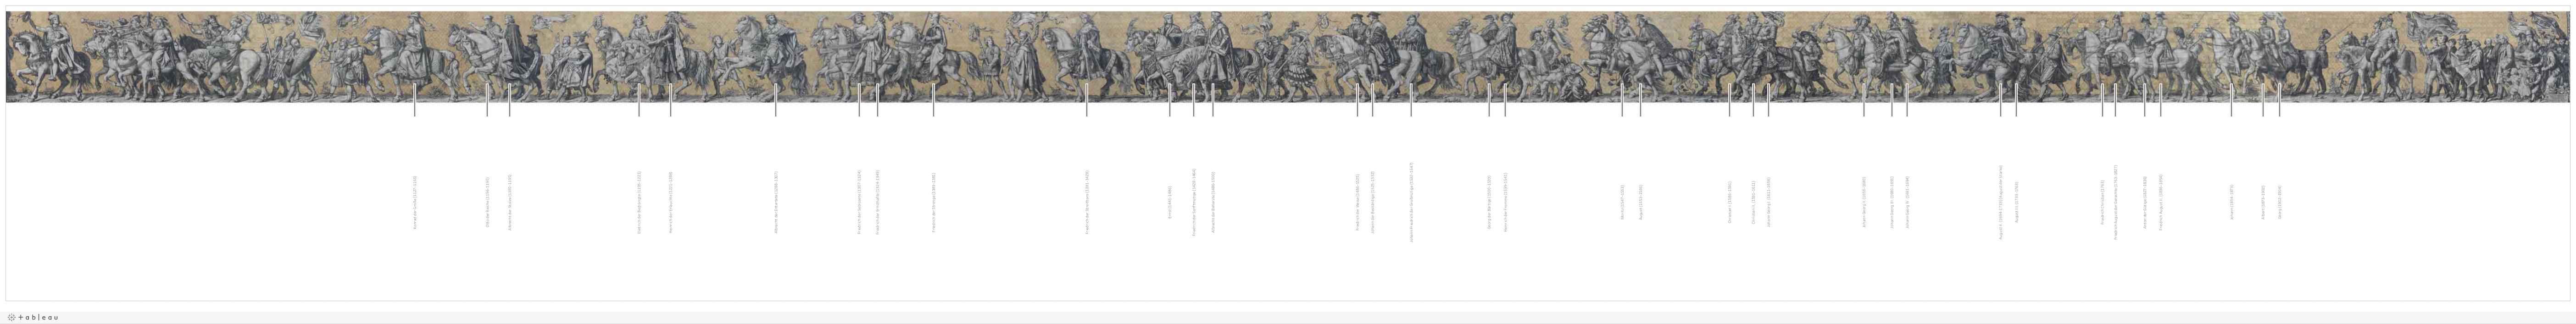 Fürstenzug Dresden in einer Tableau Variante